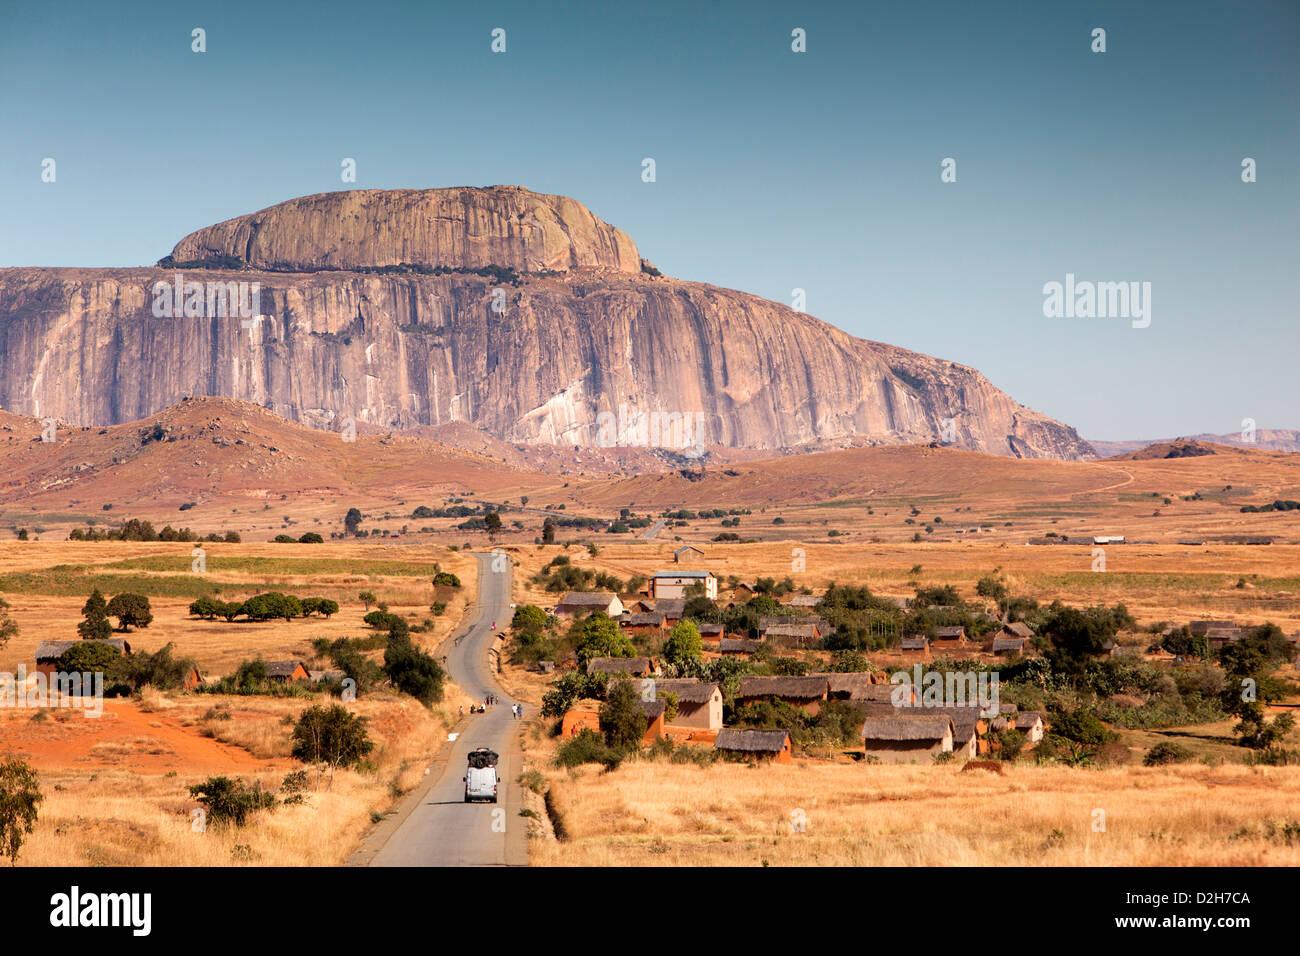 Madagascar, la route RN7, la bonnette de l'Eveque, Évêques Cap rock, affleurement de granit Banque D'Images